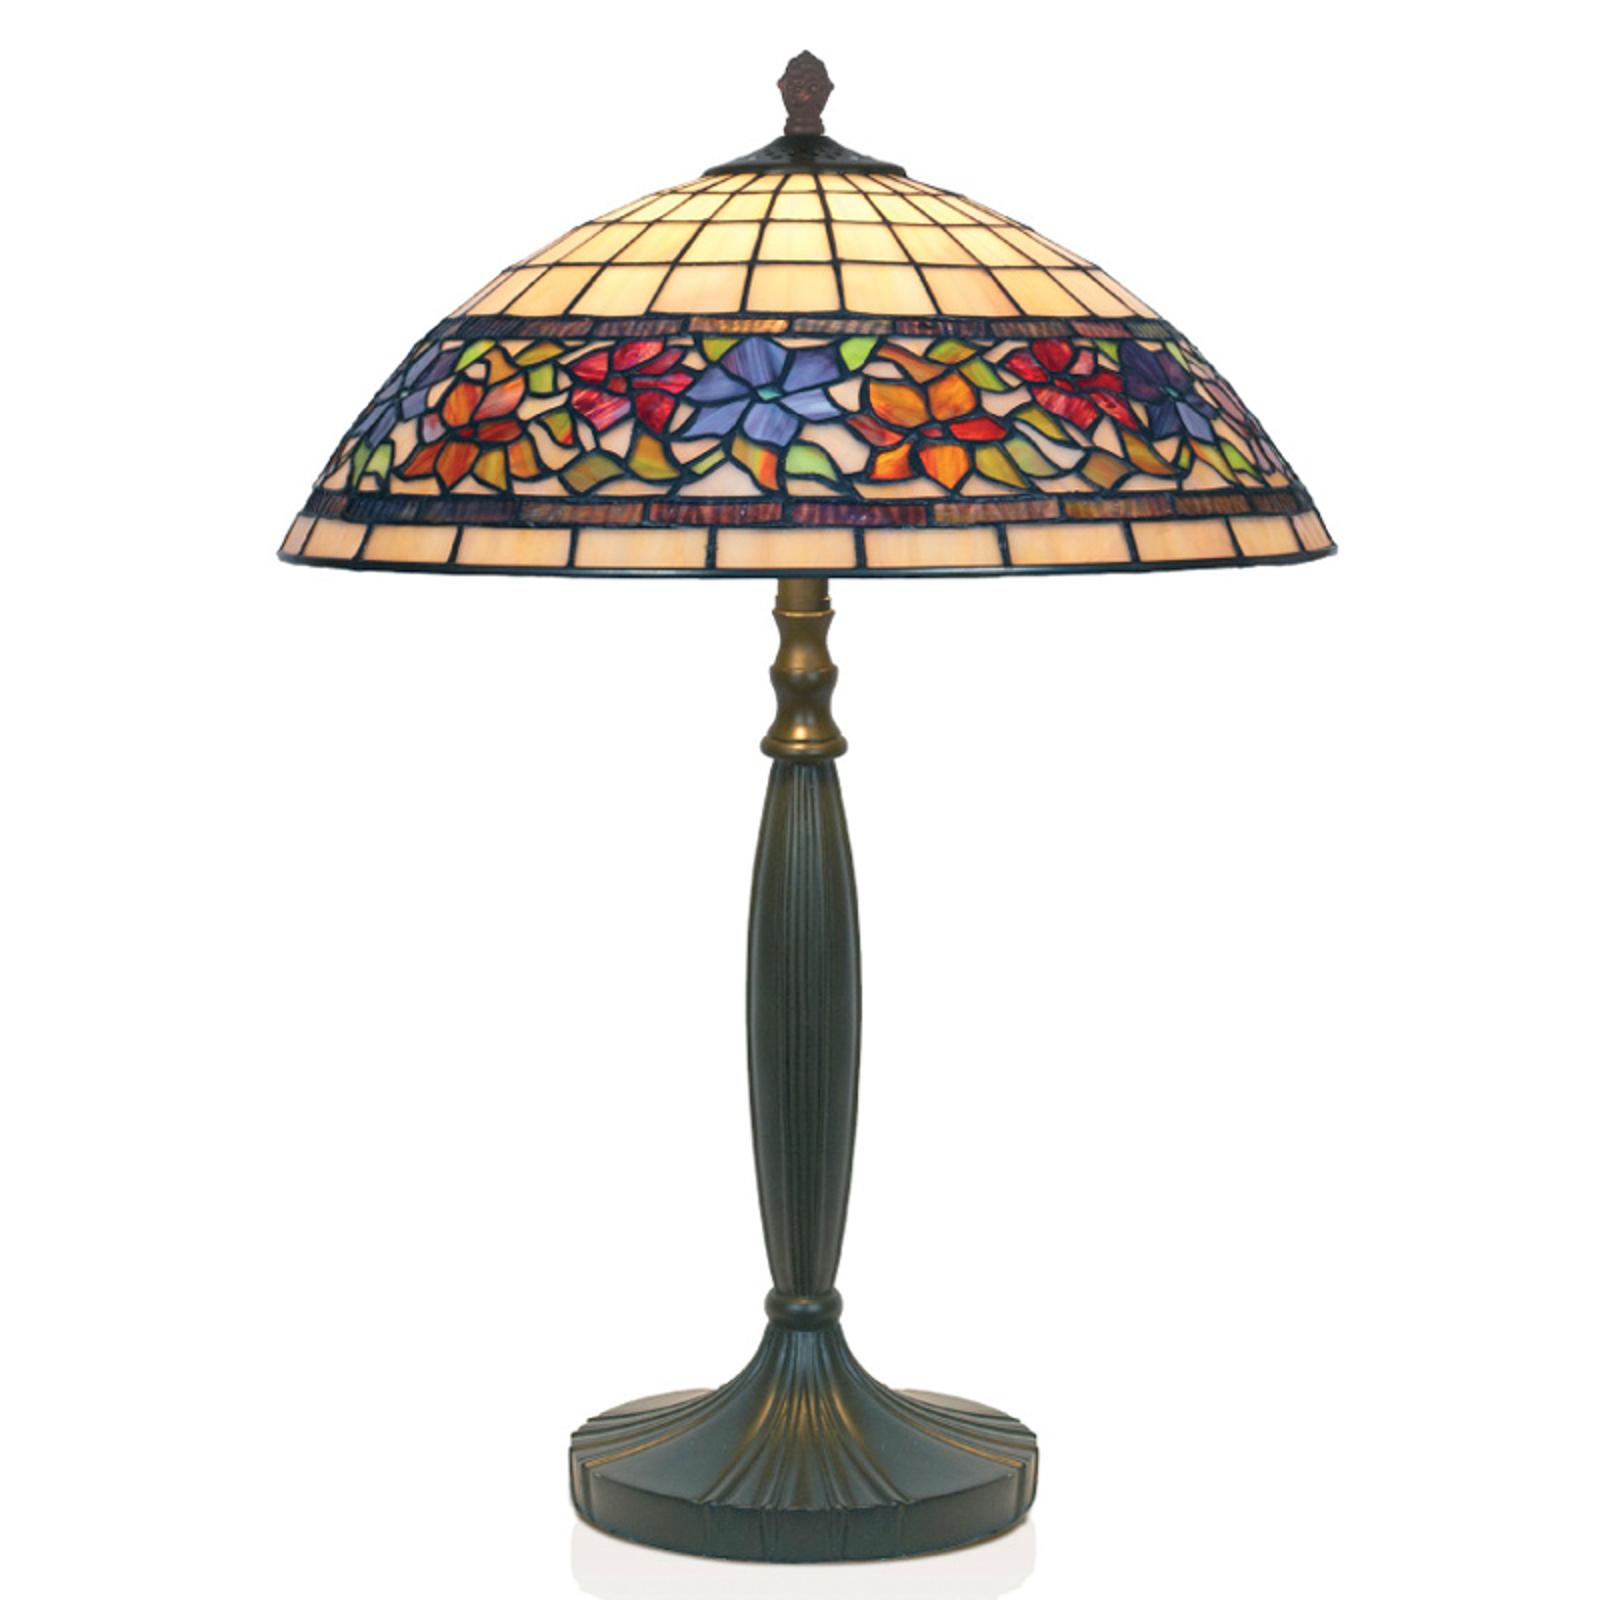 Stolná lampa Flora štýl Tiffany dole otvorená 62cm_1032128_1